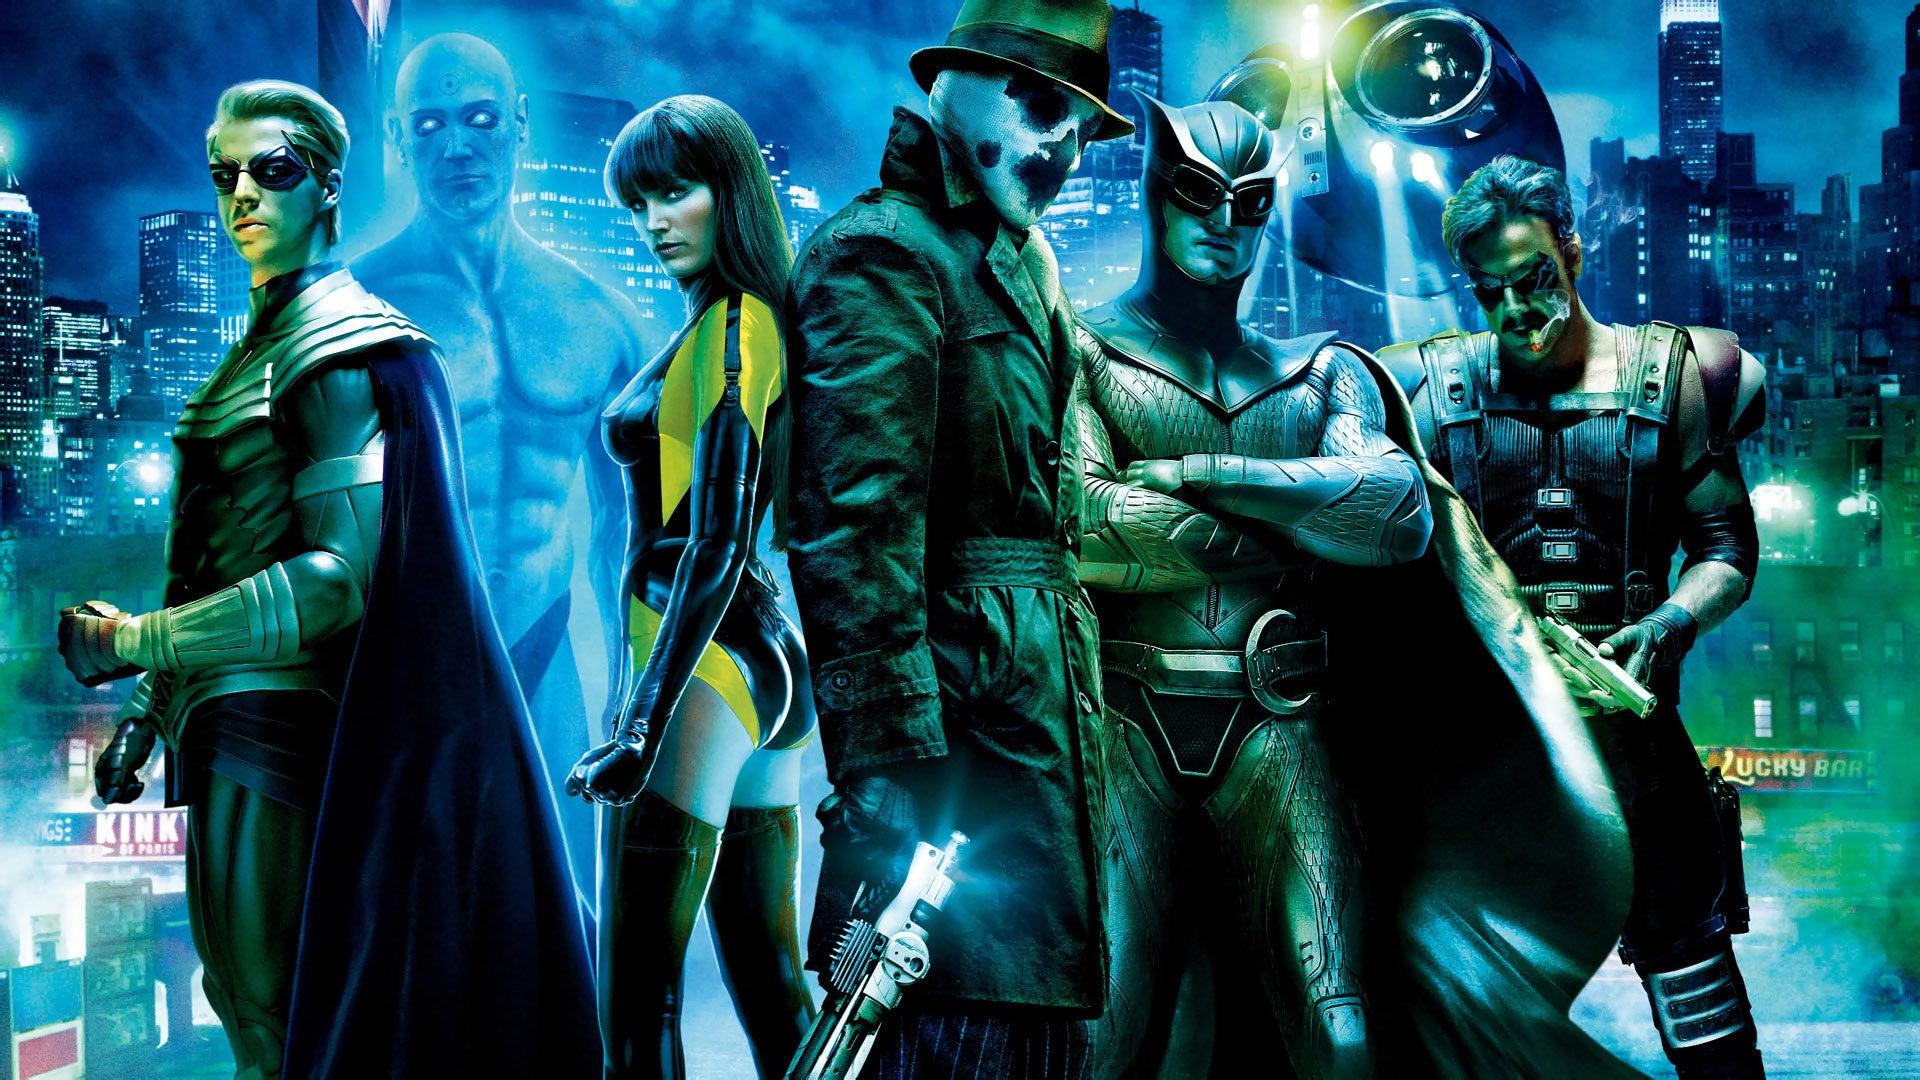 Preview Watchmen Wallpaper